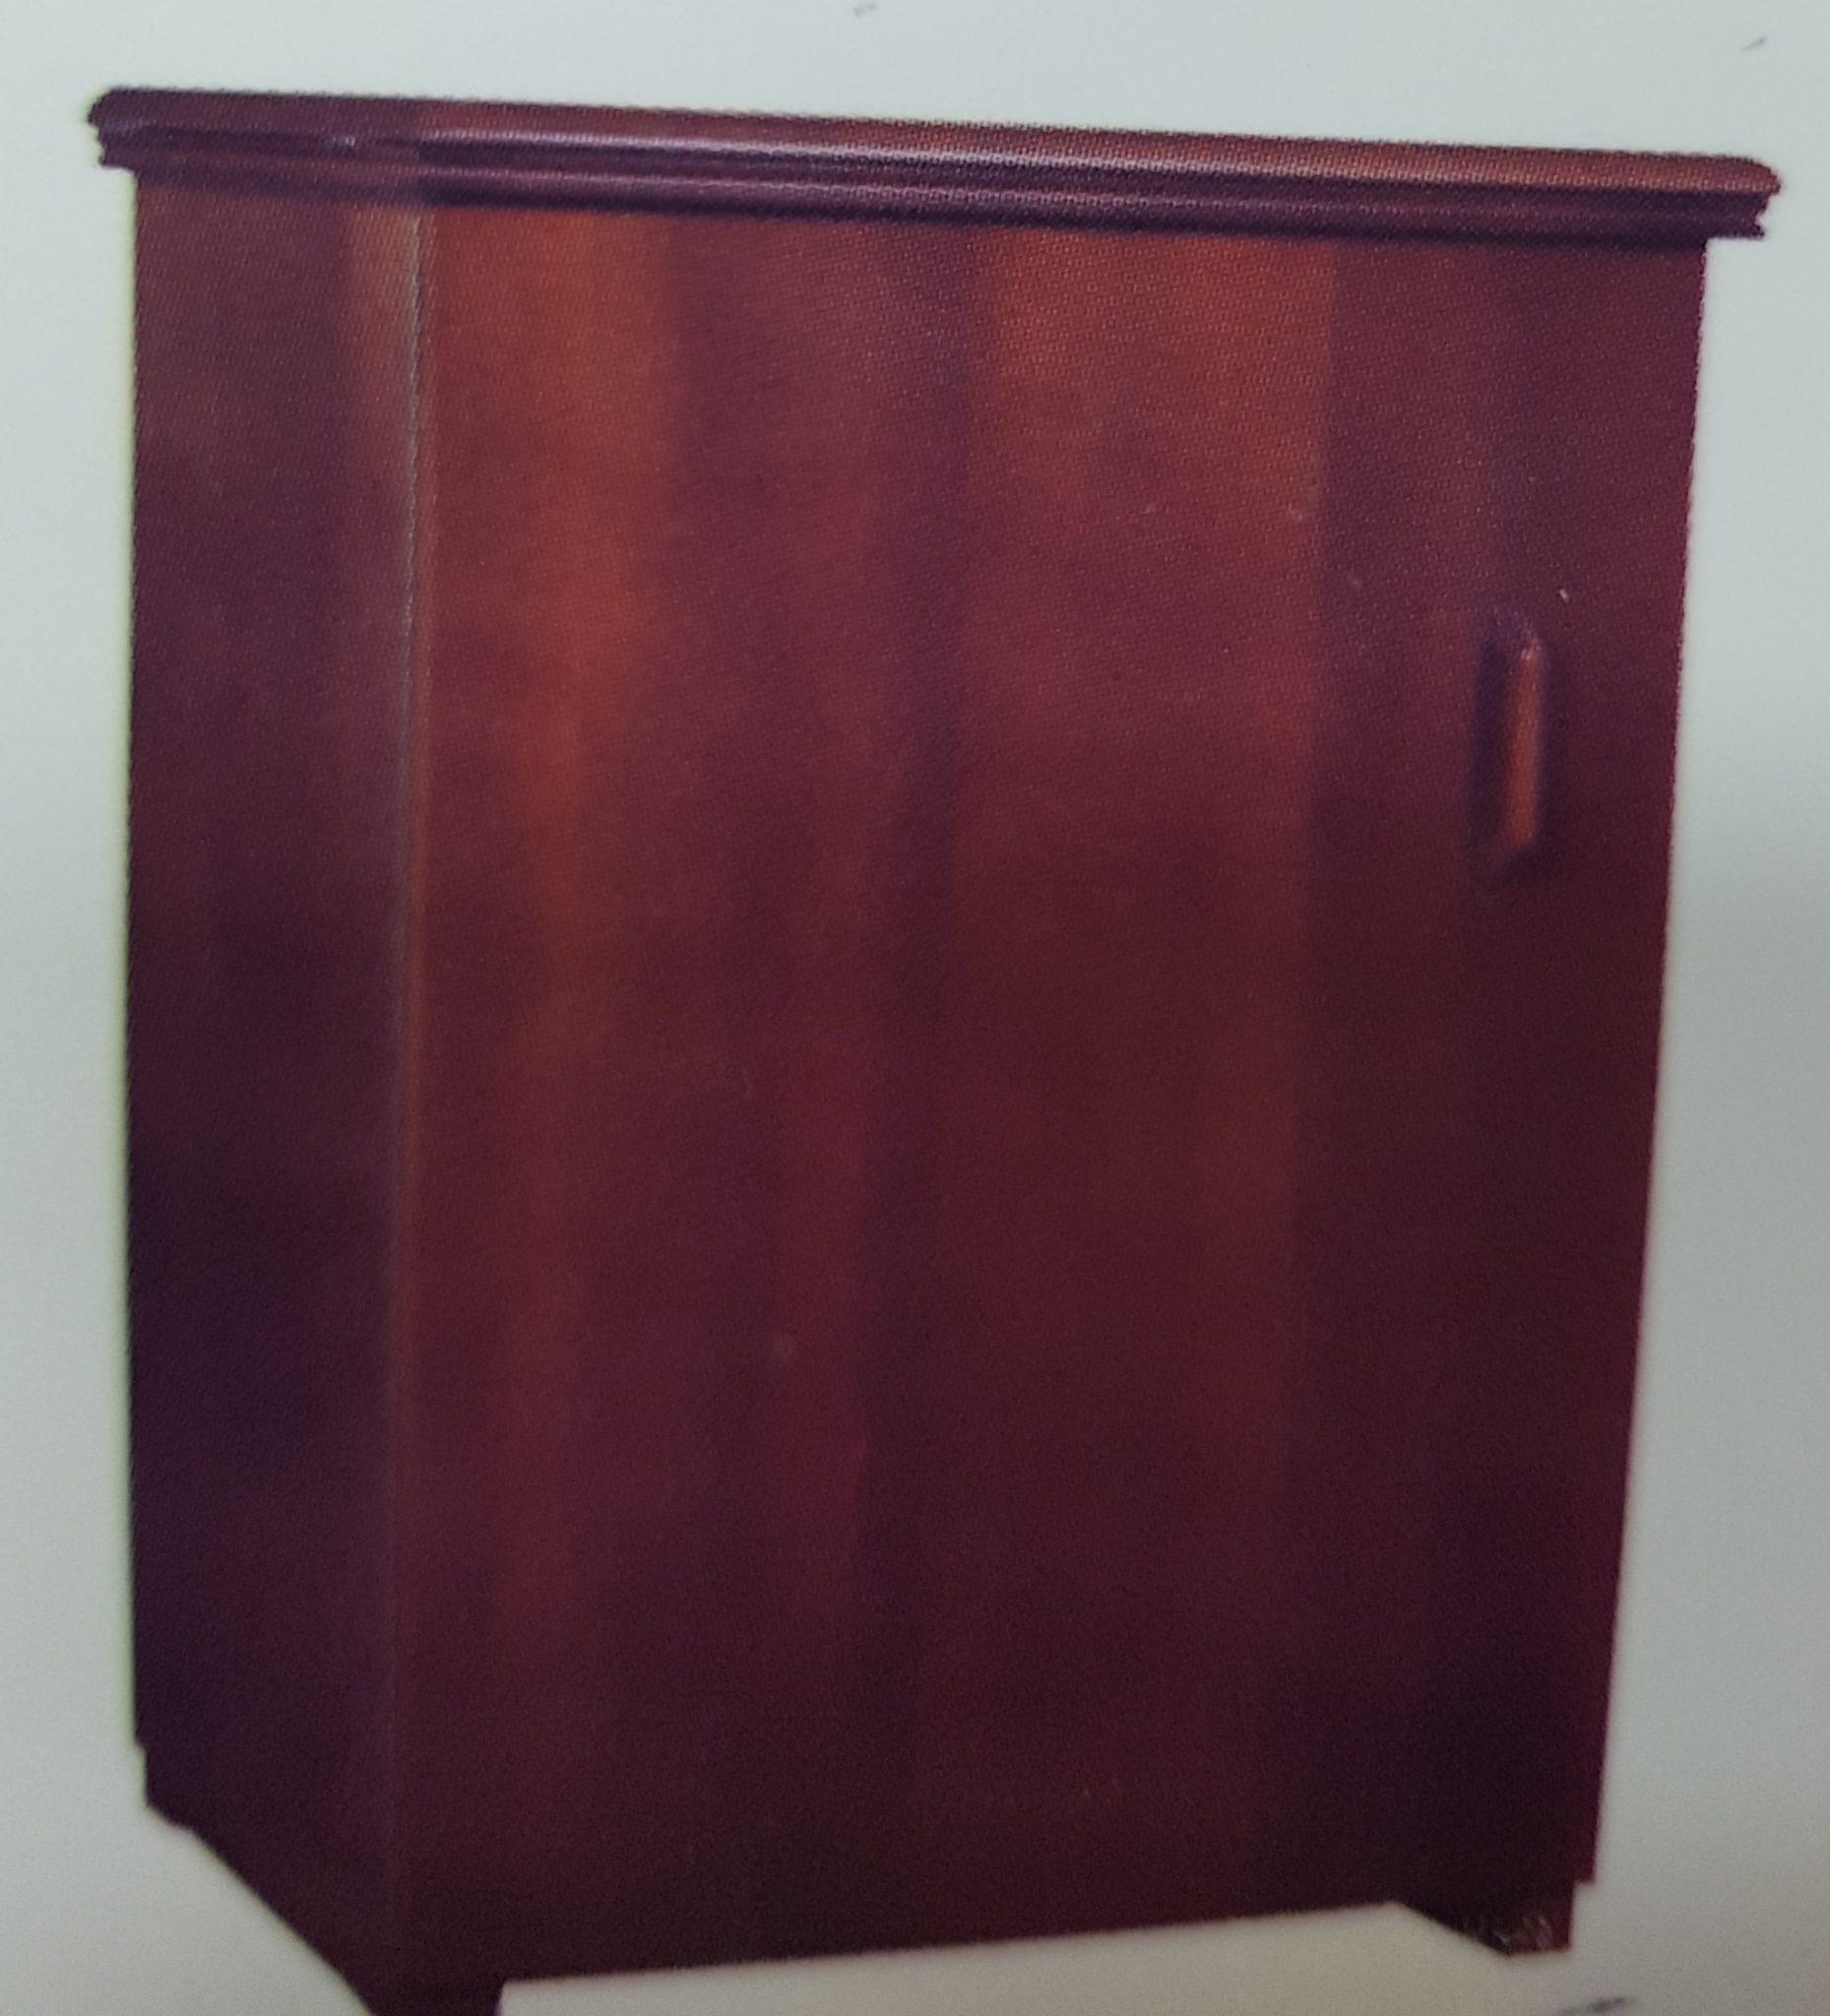 Mueble Para M Quina De Coser N 6 Nogal Acoser # Muebles Maquina De Coser